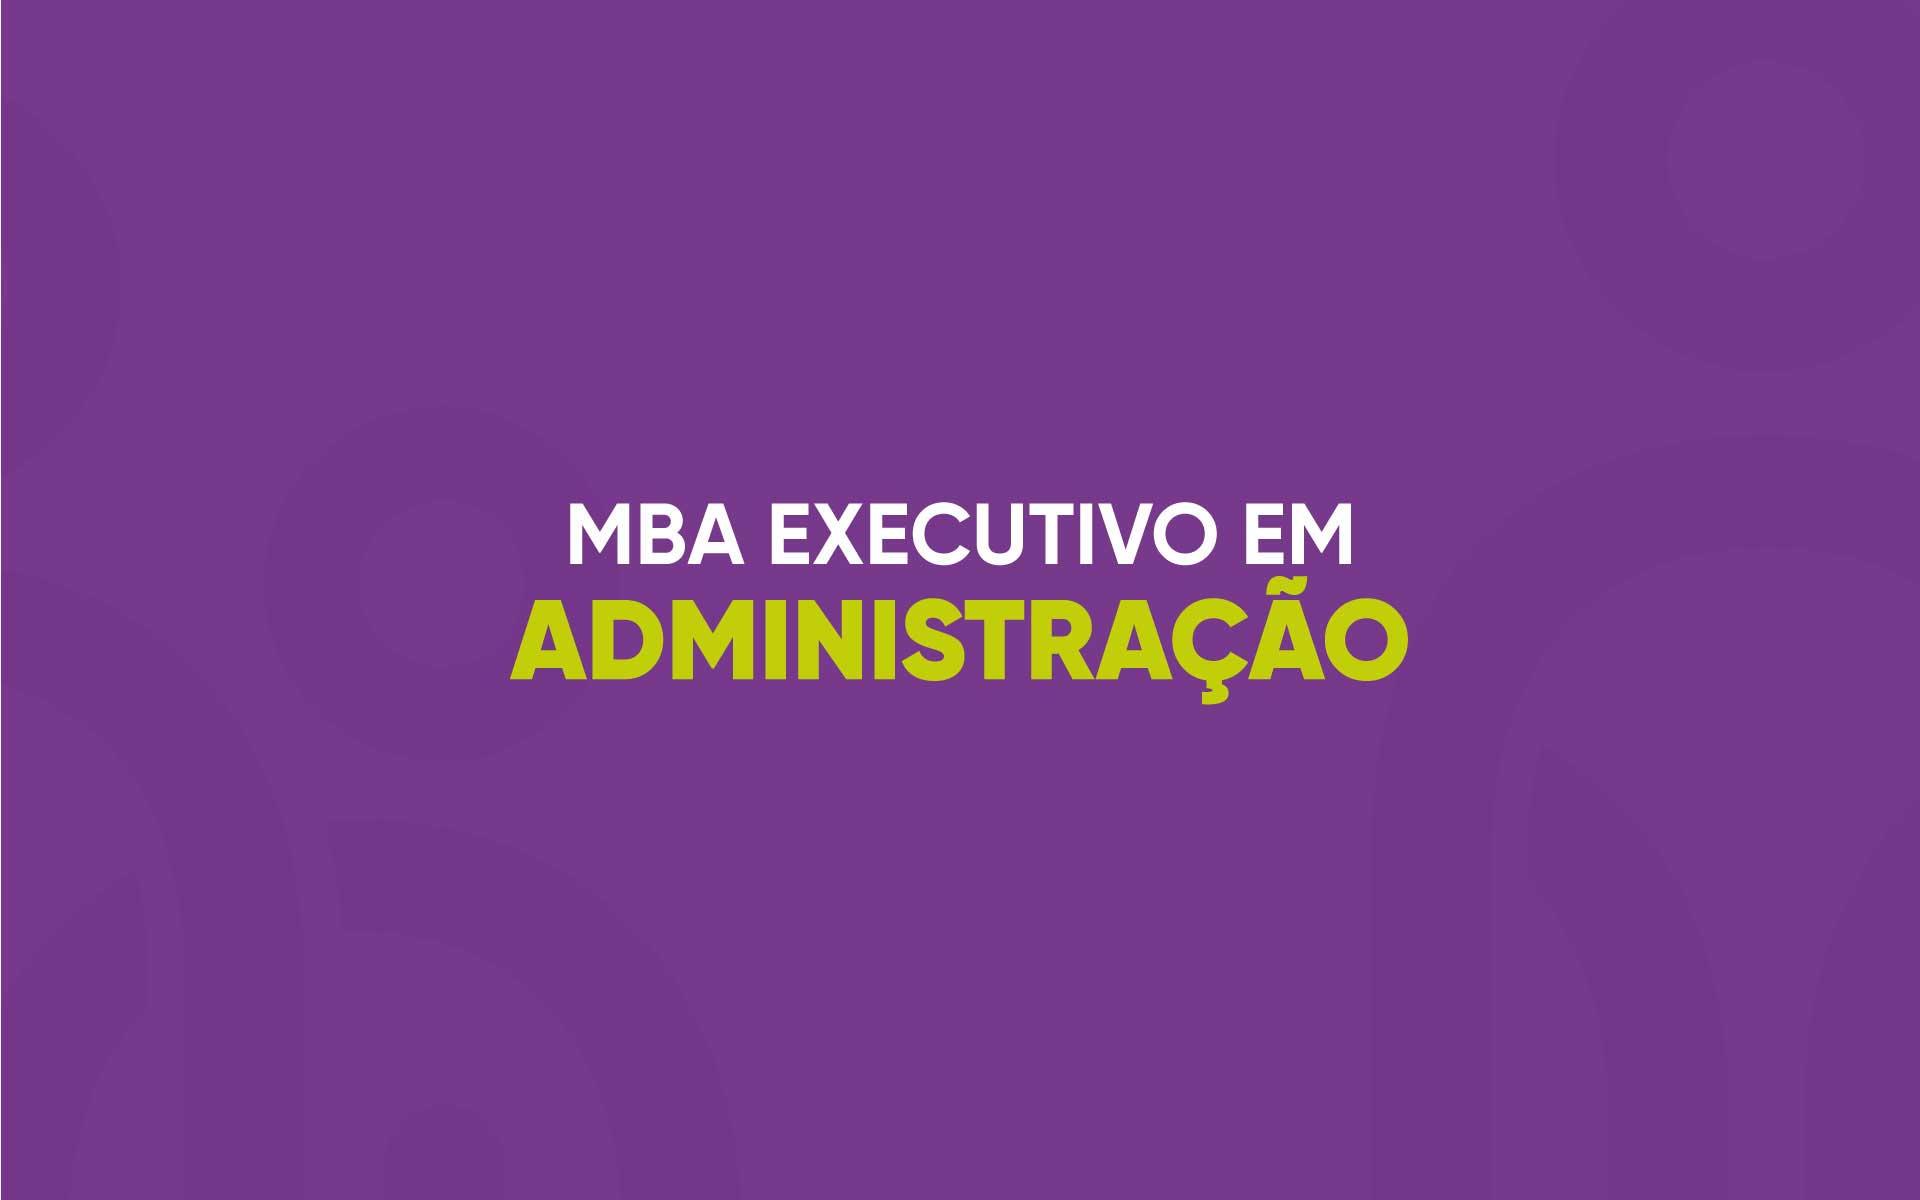 MBA Executivo em Administração